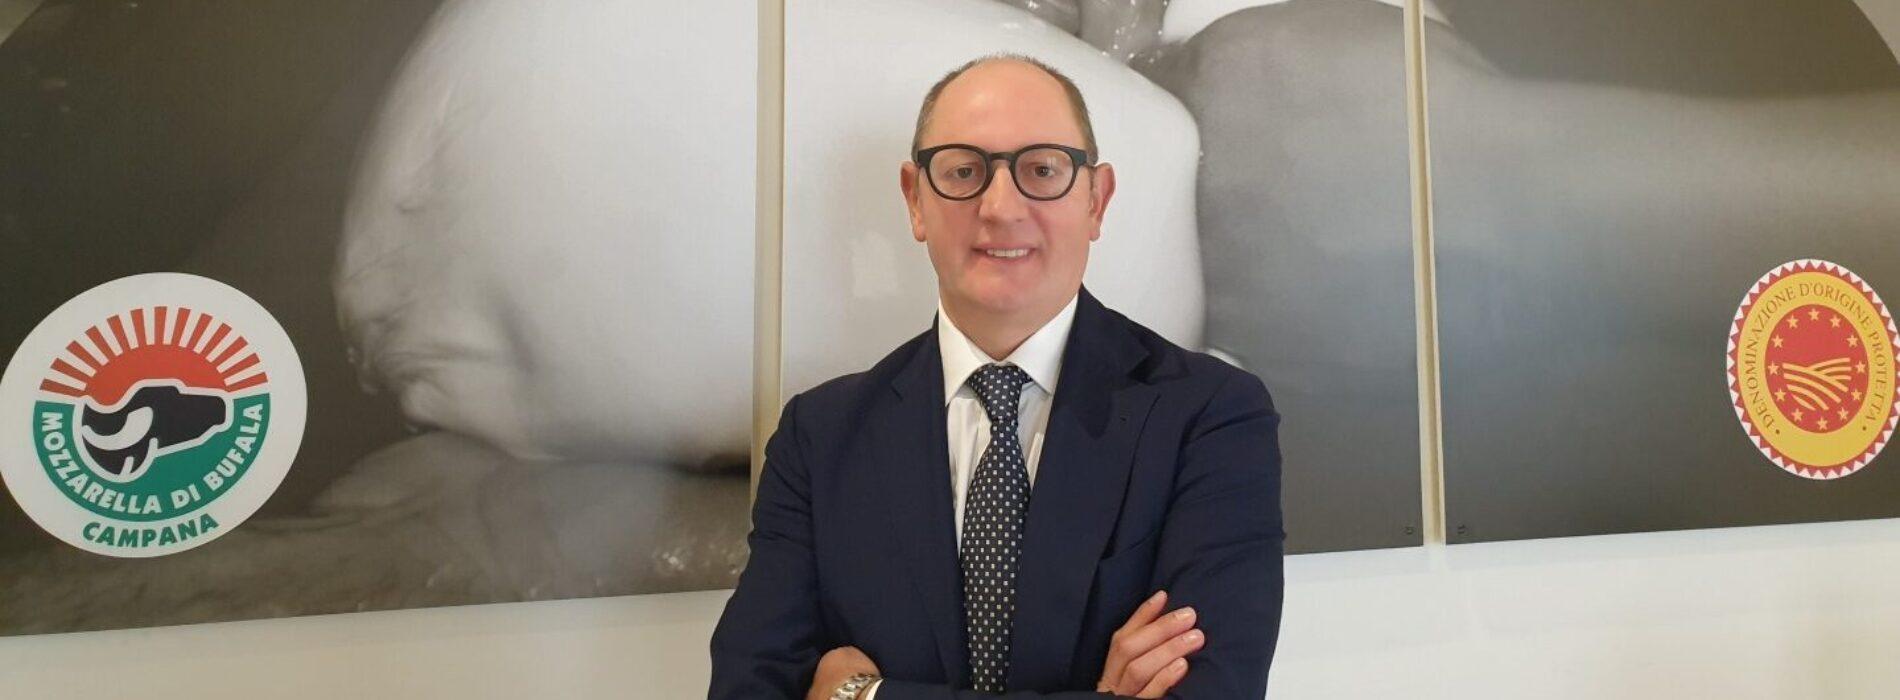 Mozzarella Dop, Raimondo riconfermato alla guida del Consorzio